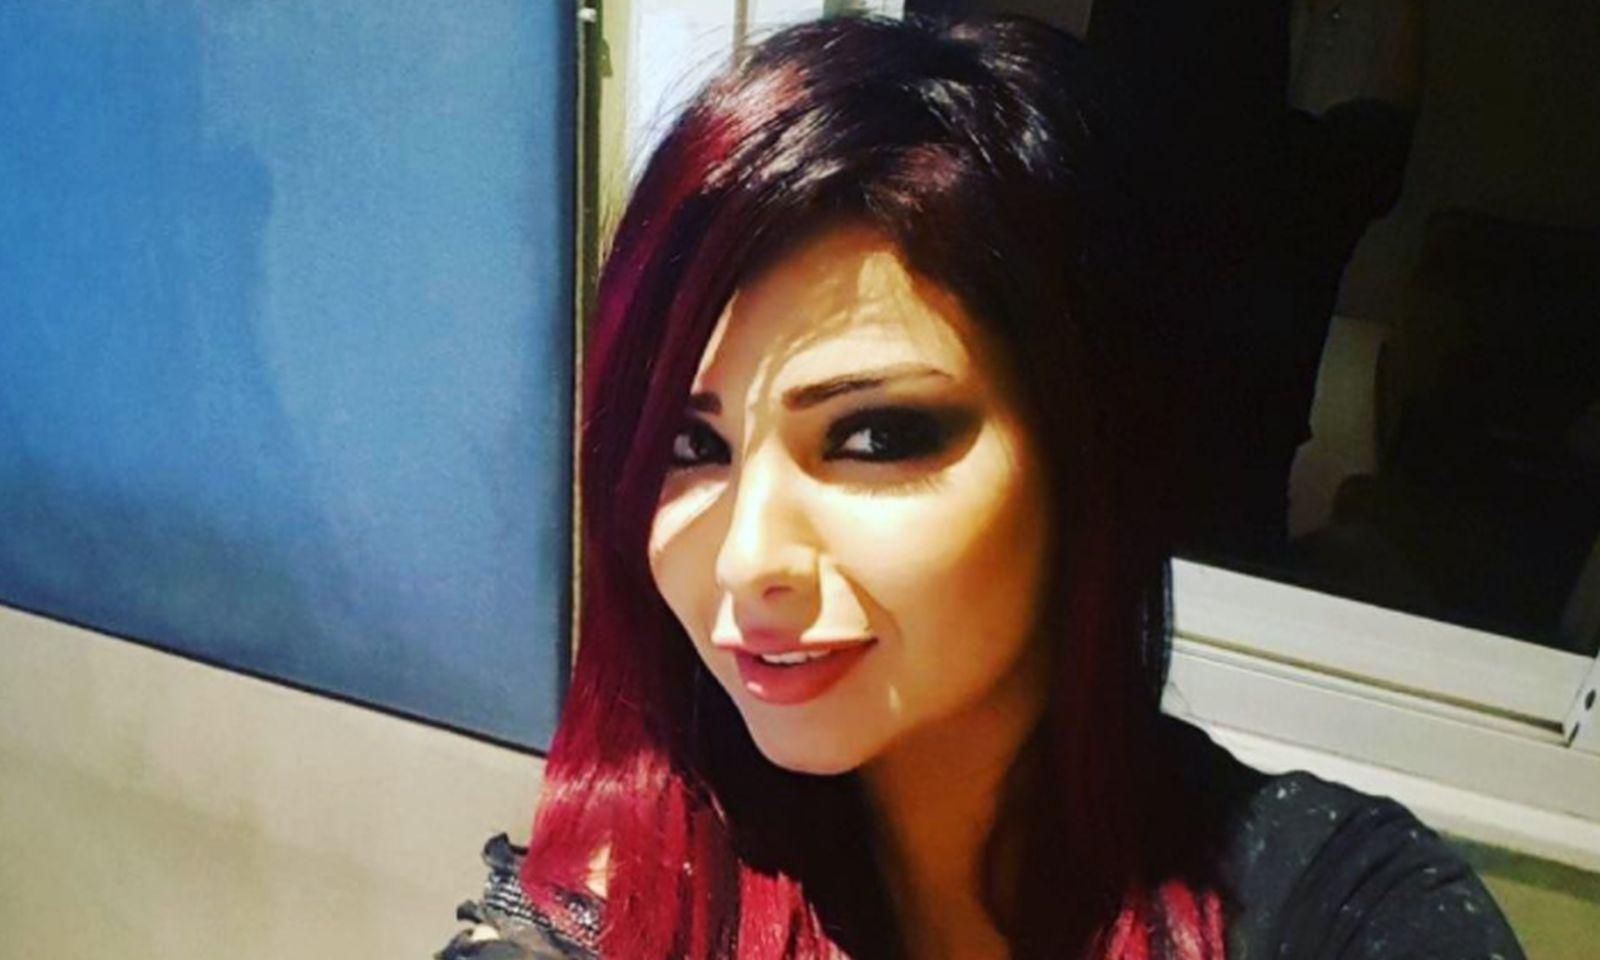 Египетийн поп дуучин бүсгүй хоёр жил хоригдох ял сонслоо